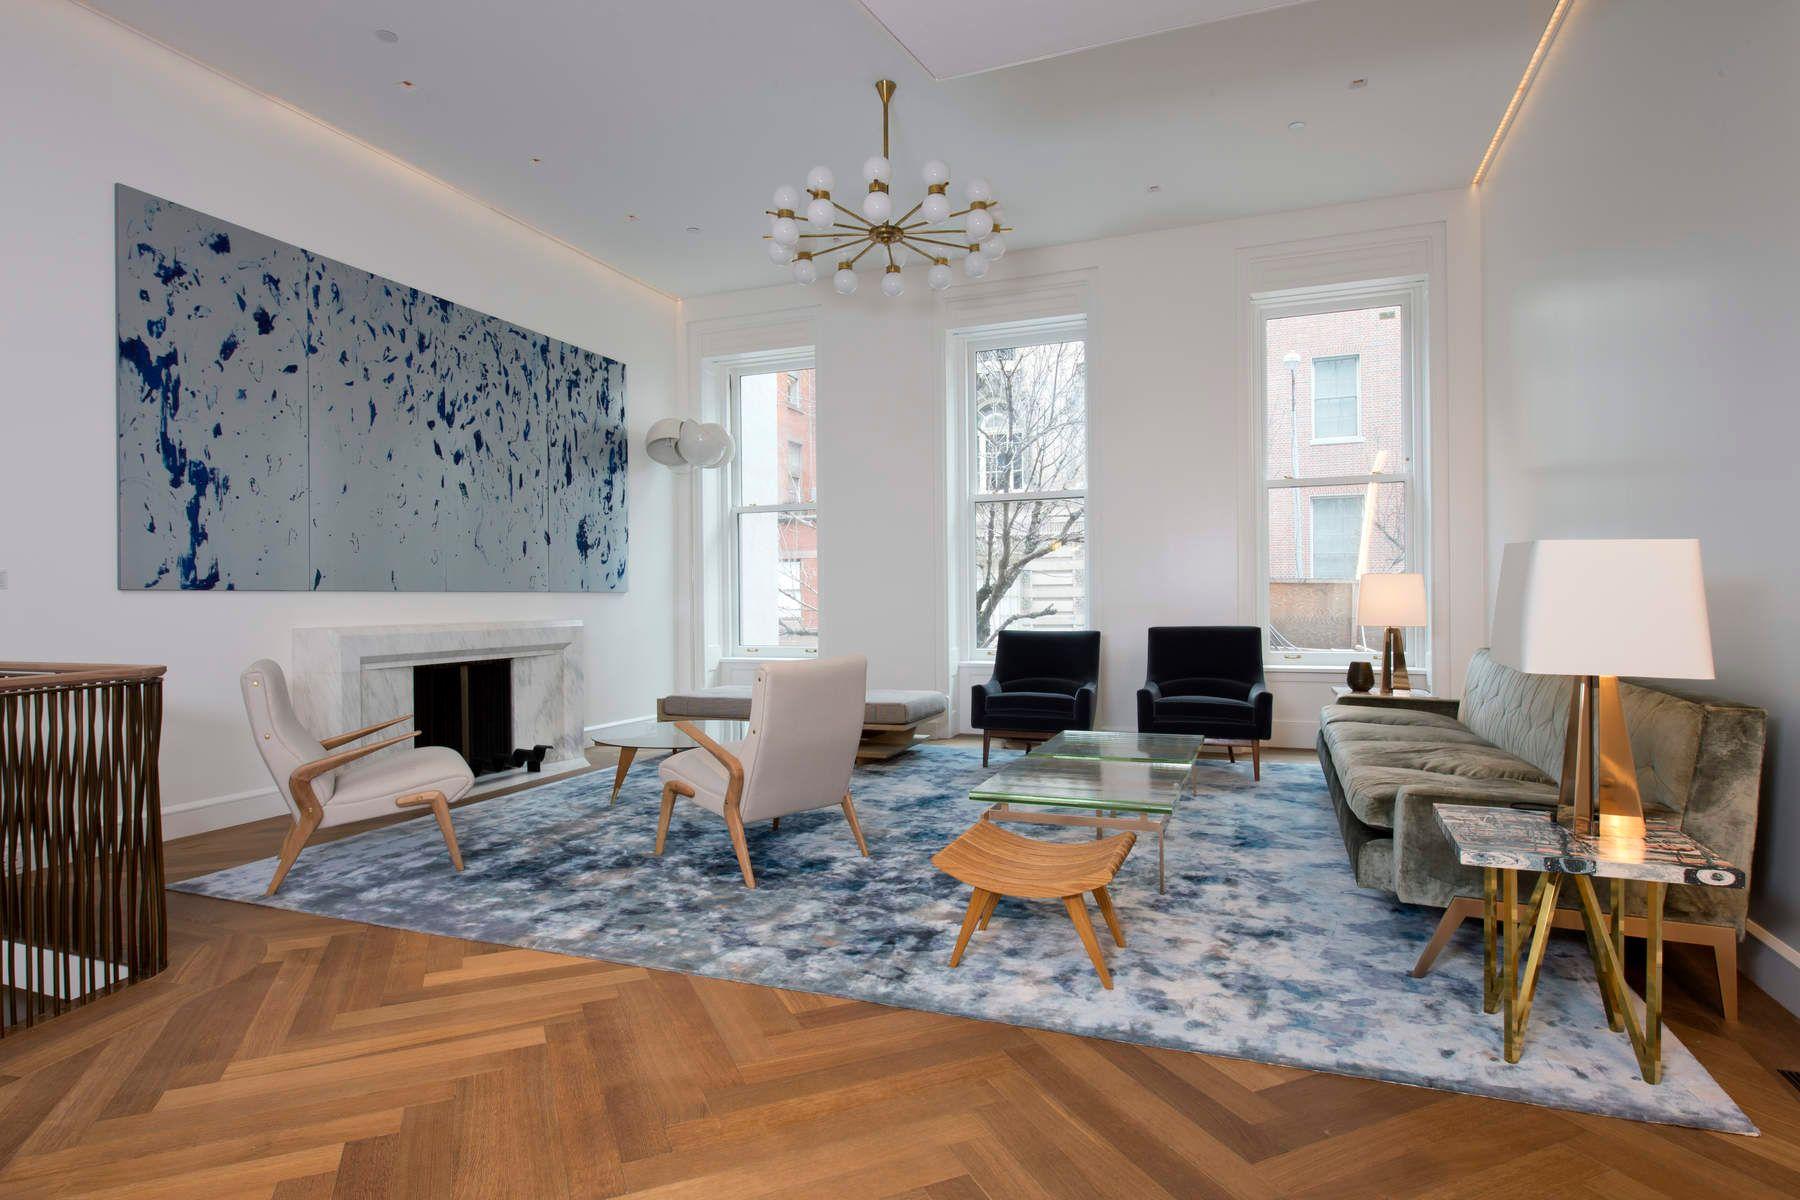 Casa unifamiliar adosada (Townhouse) por un Alquiler en 34 East 68th Street 34 East 68th Street New York, Nueva York 10065 Estados Unidos